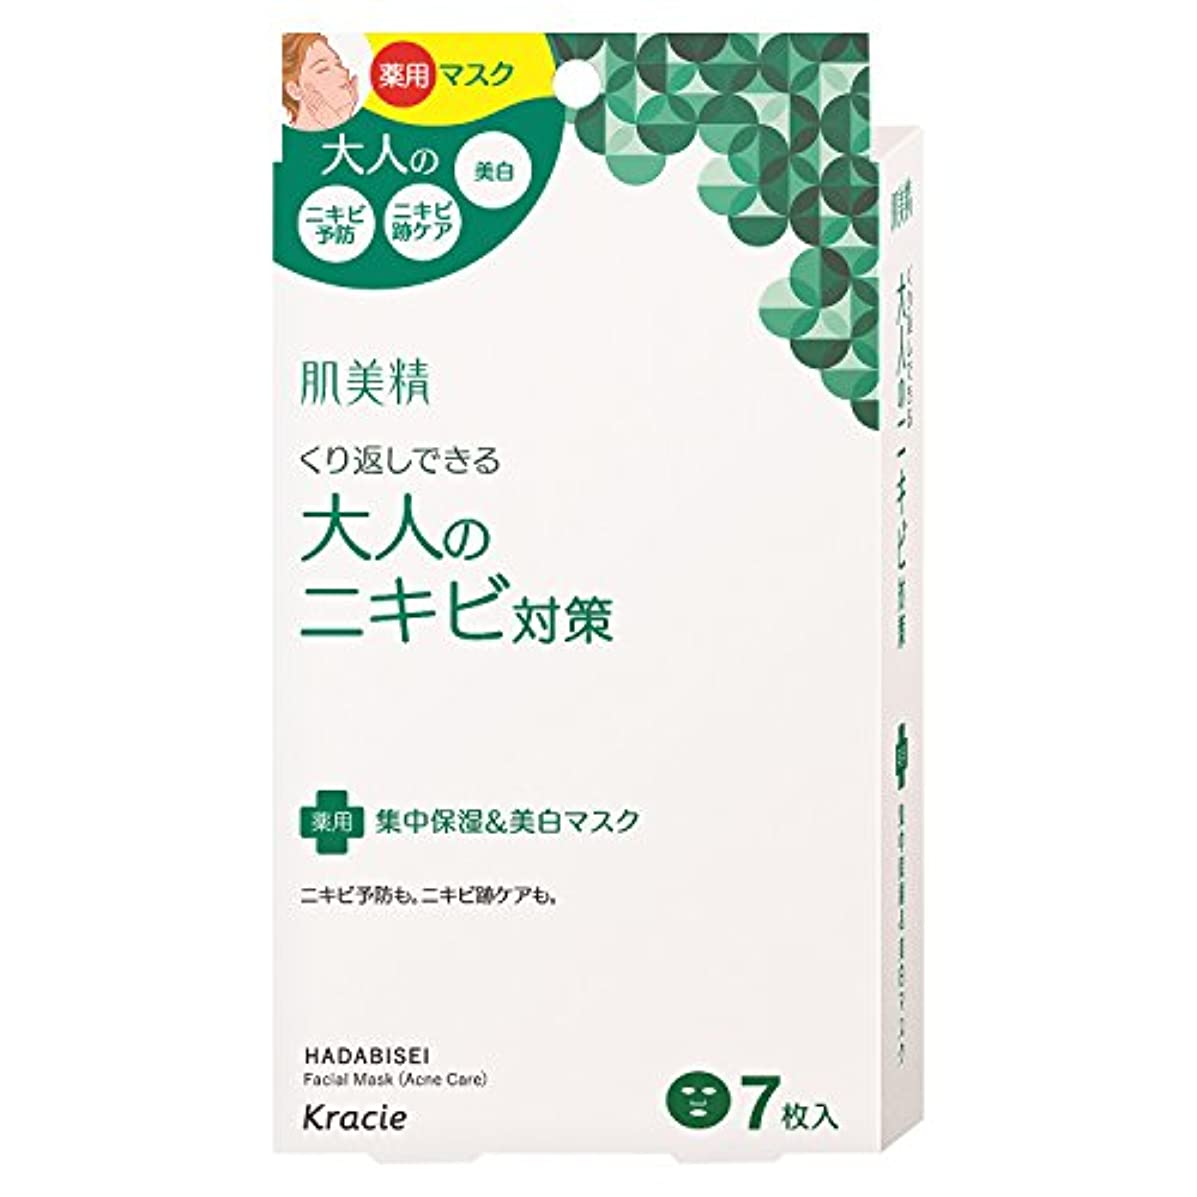 独占補充夜明け肌美精 大人のニキビ対策 薬用集中保湿&美白マスク 7枚 (医薬部外品)